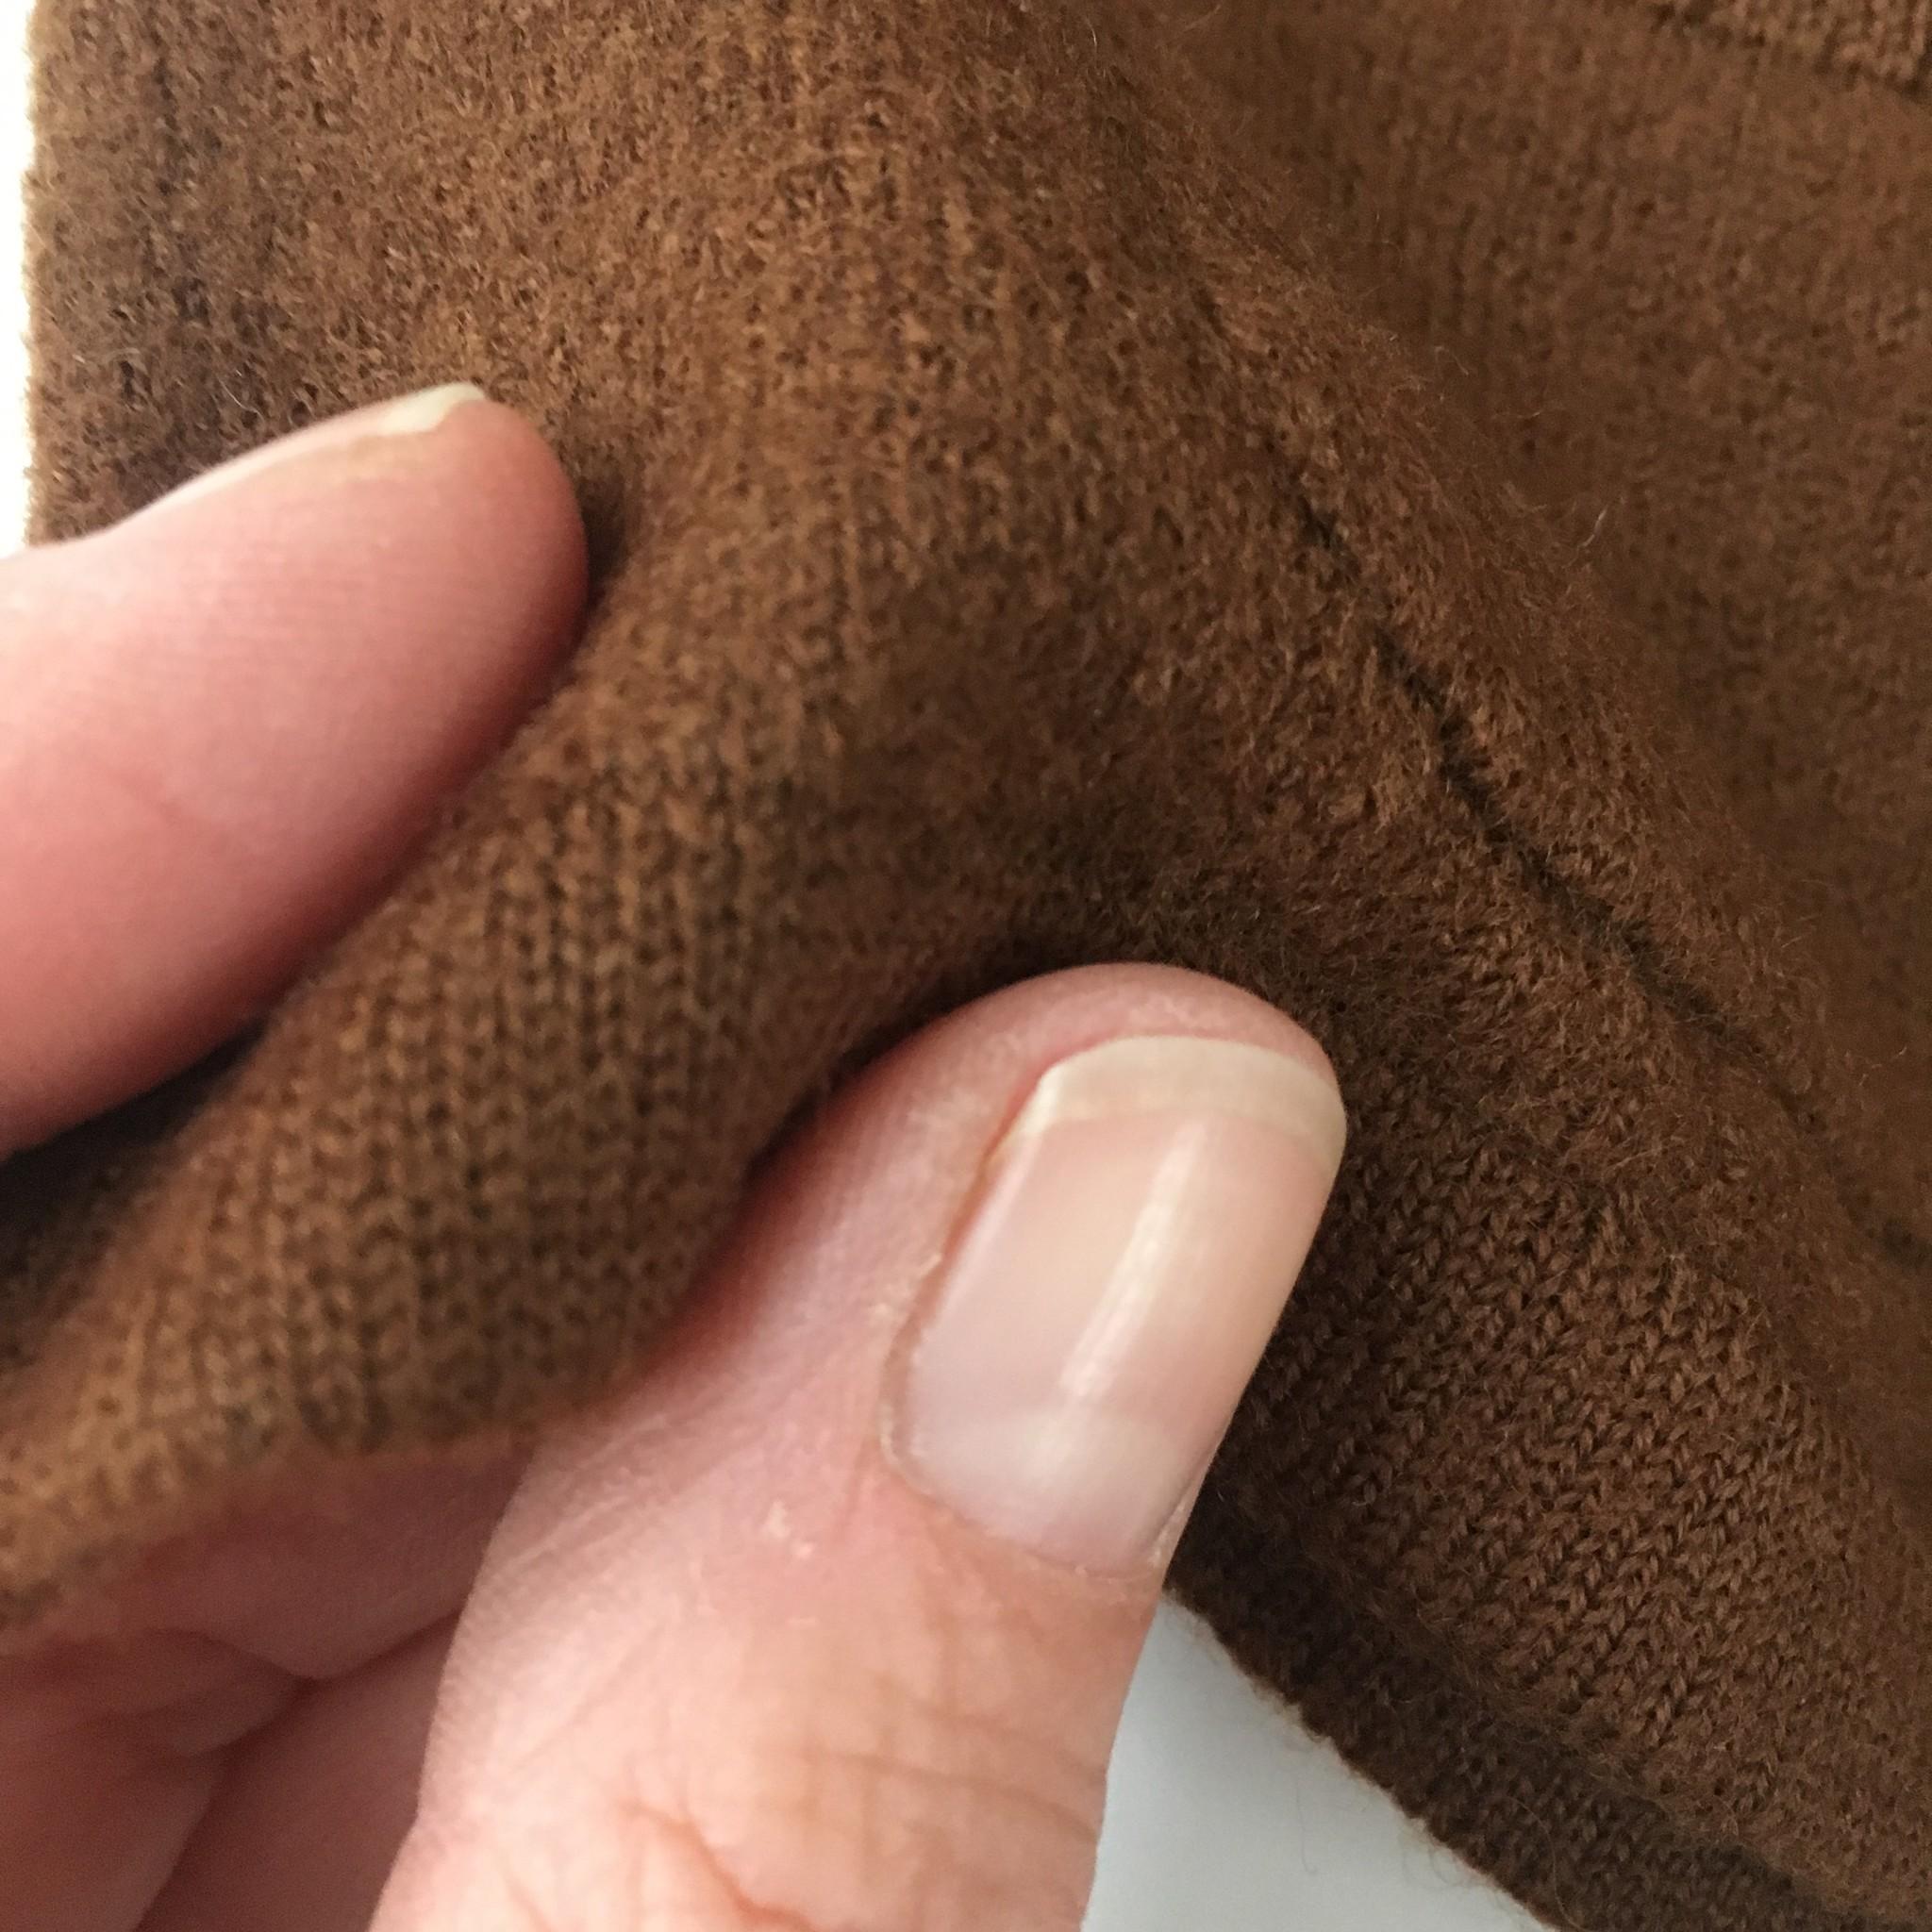 FUB boiled wool baby jacket - 100% merino wool - umber brown - 56 to 92